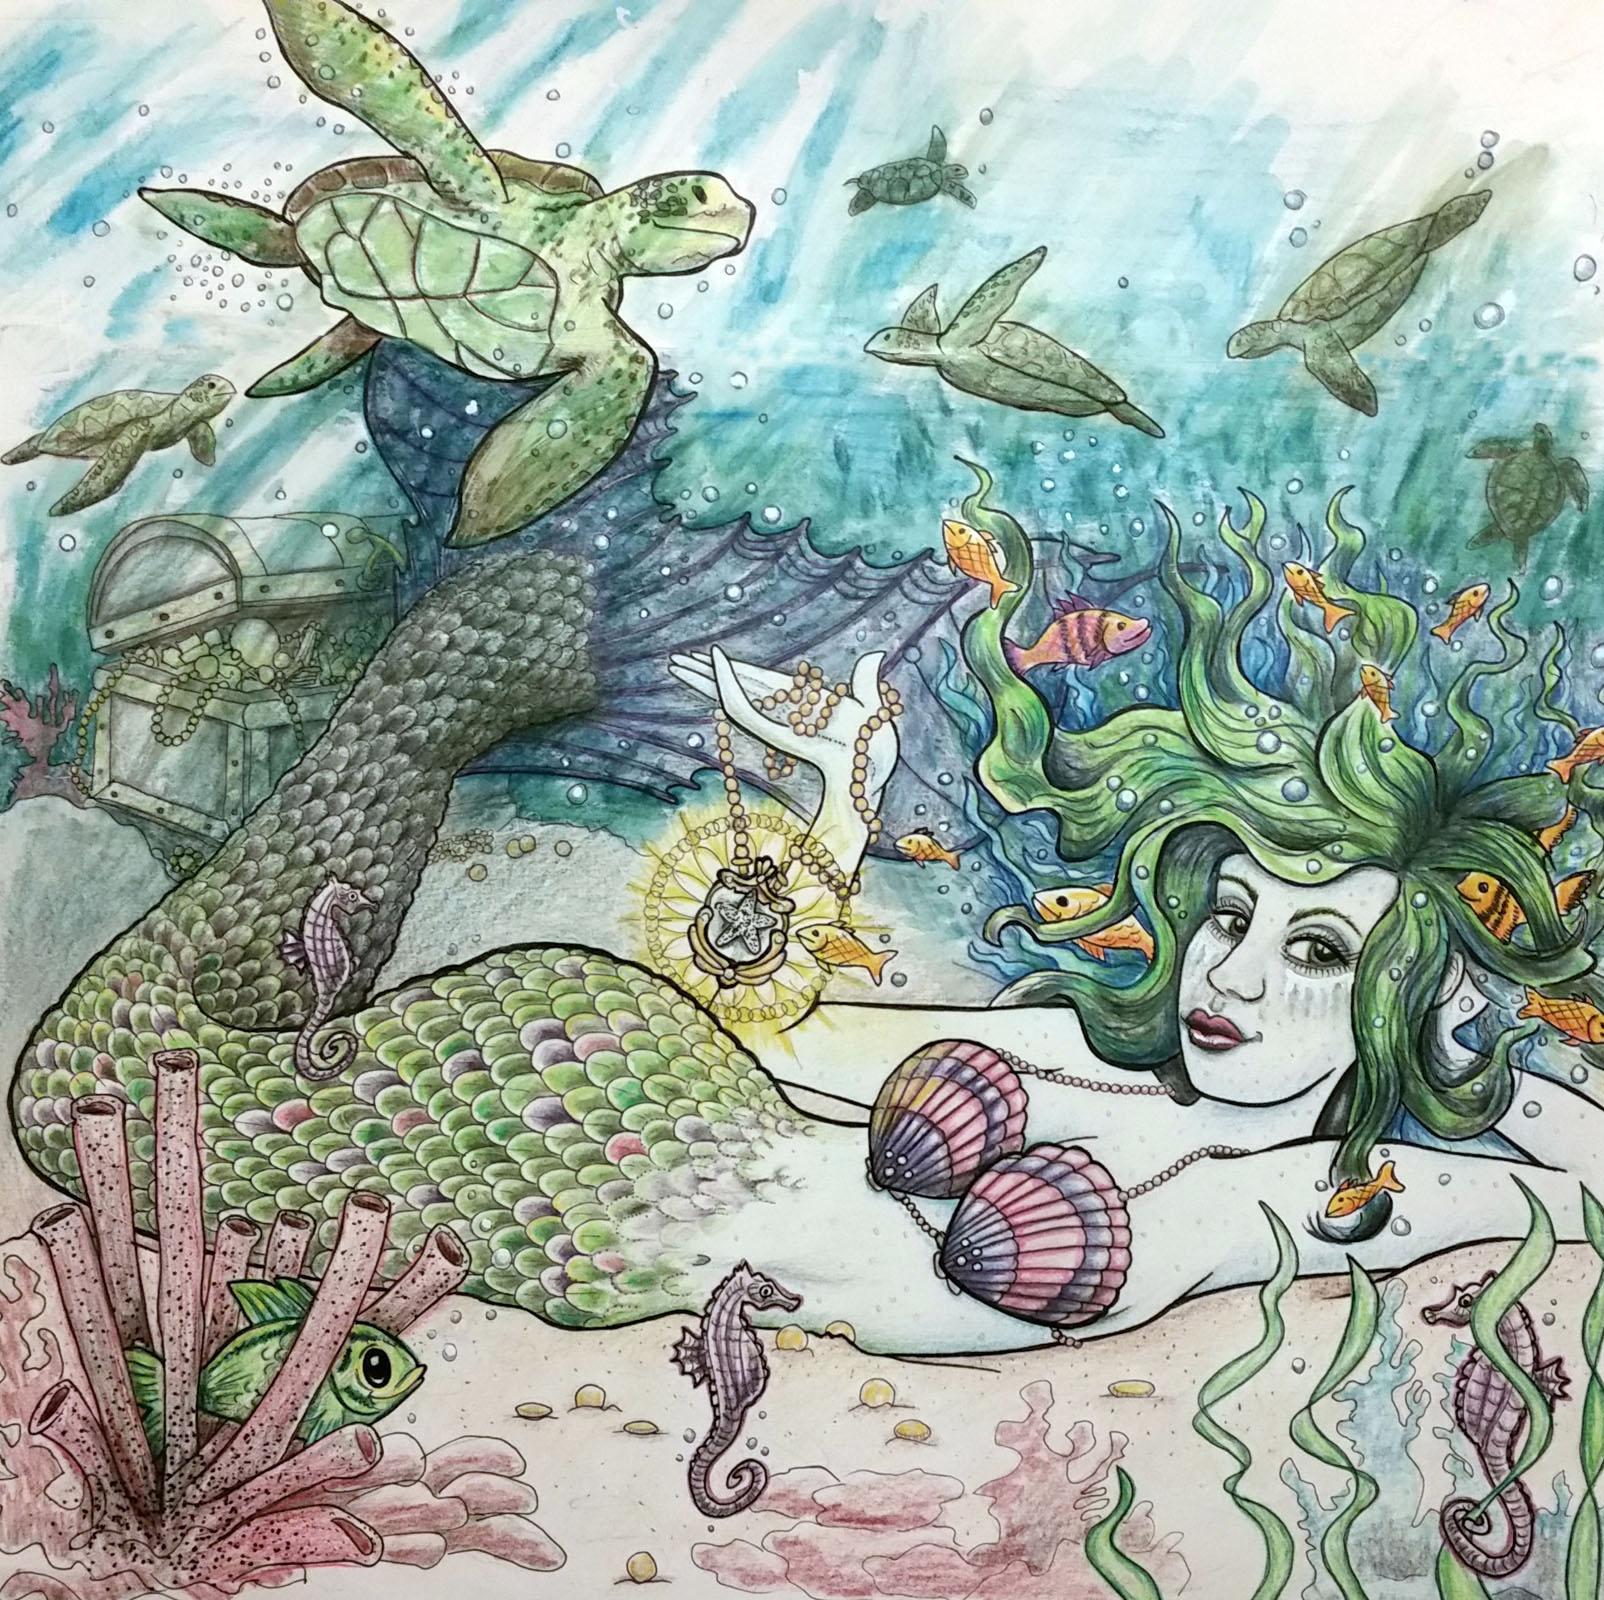 Mermaid-Shelly-Dax